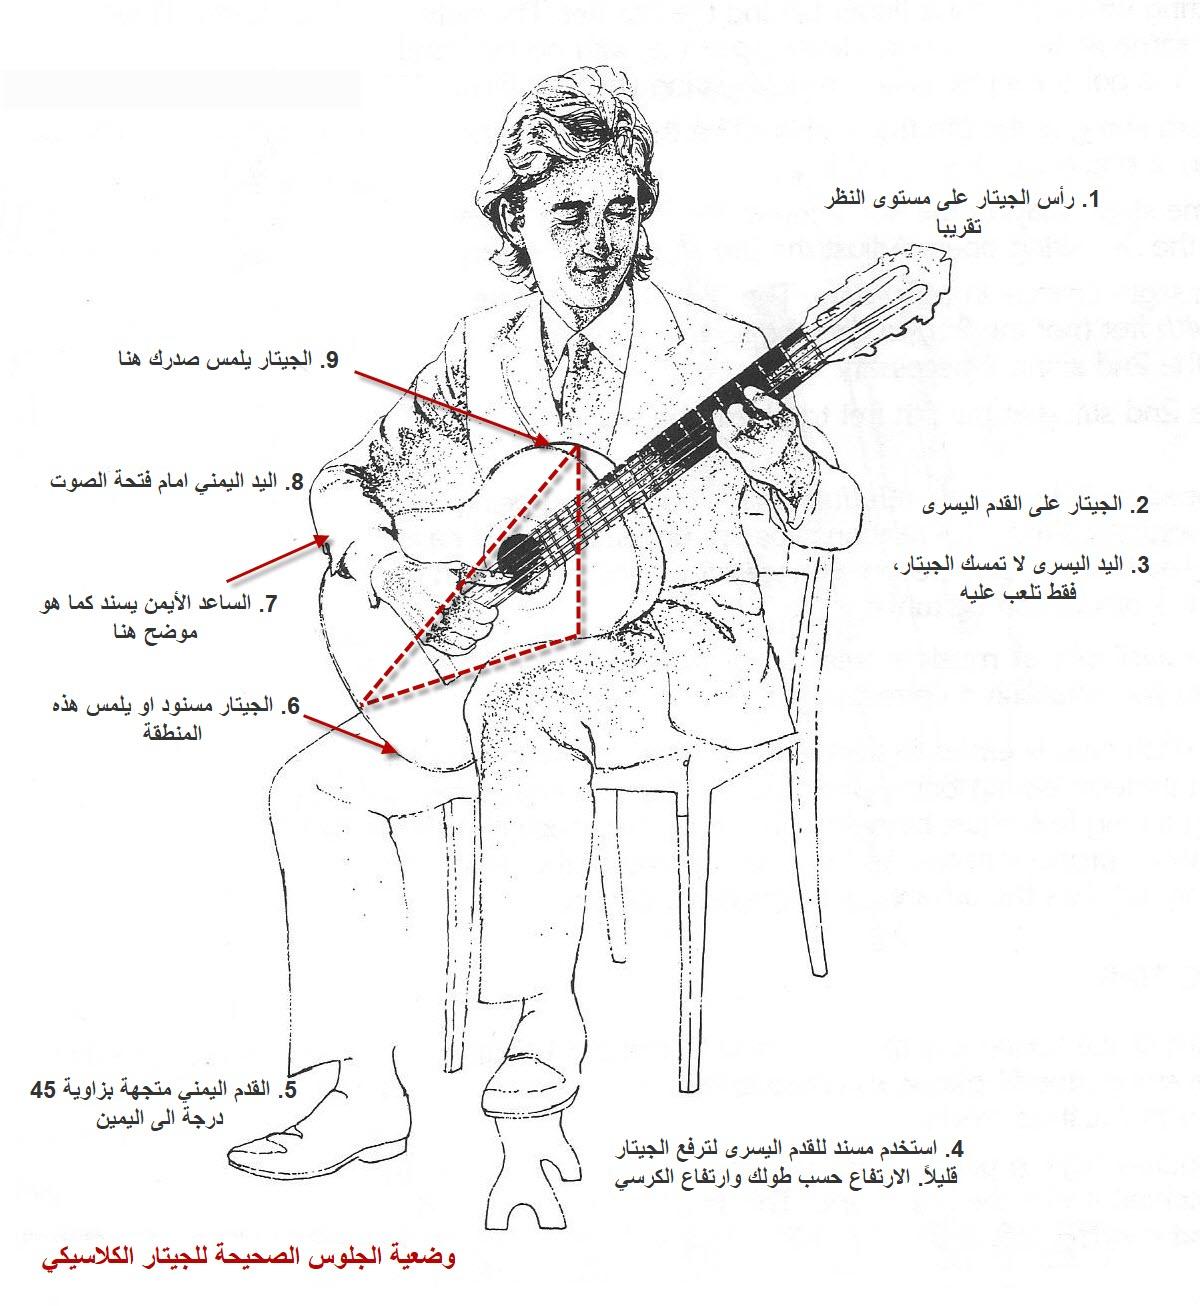 وضعية الجلوس بالجيتار